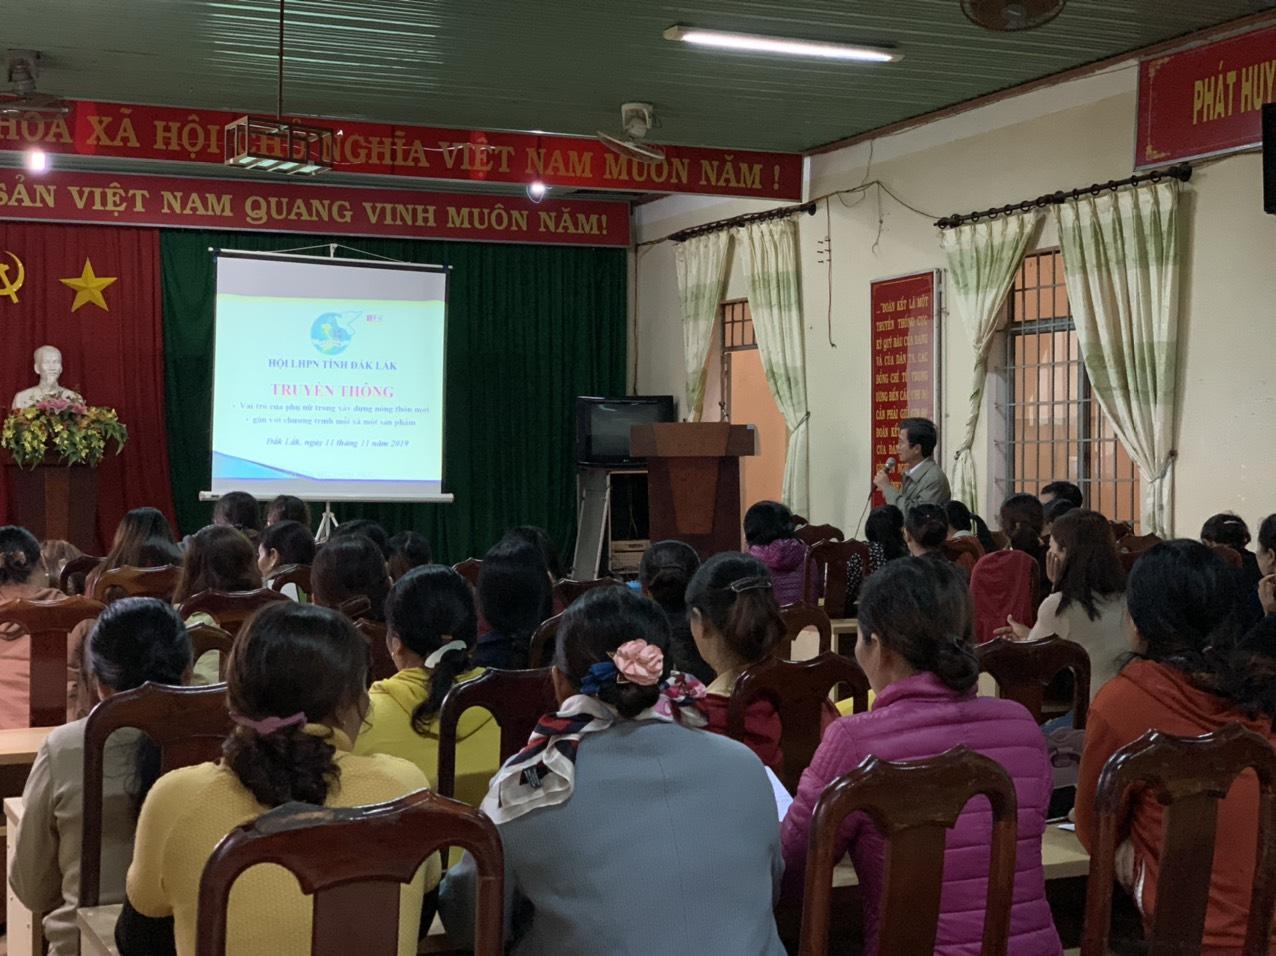 Hội LHPN tỉnh Đắk Lắk tổ chức truyền thông vai trò của phụ nữ trong thực hiện chương trình OCOP và thực hiện an toàn giao thông